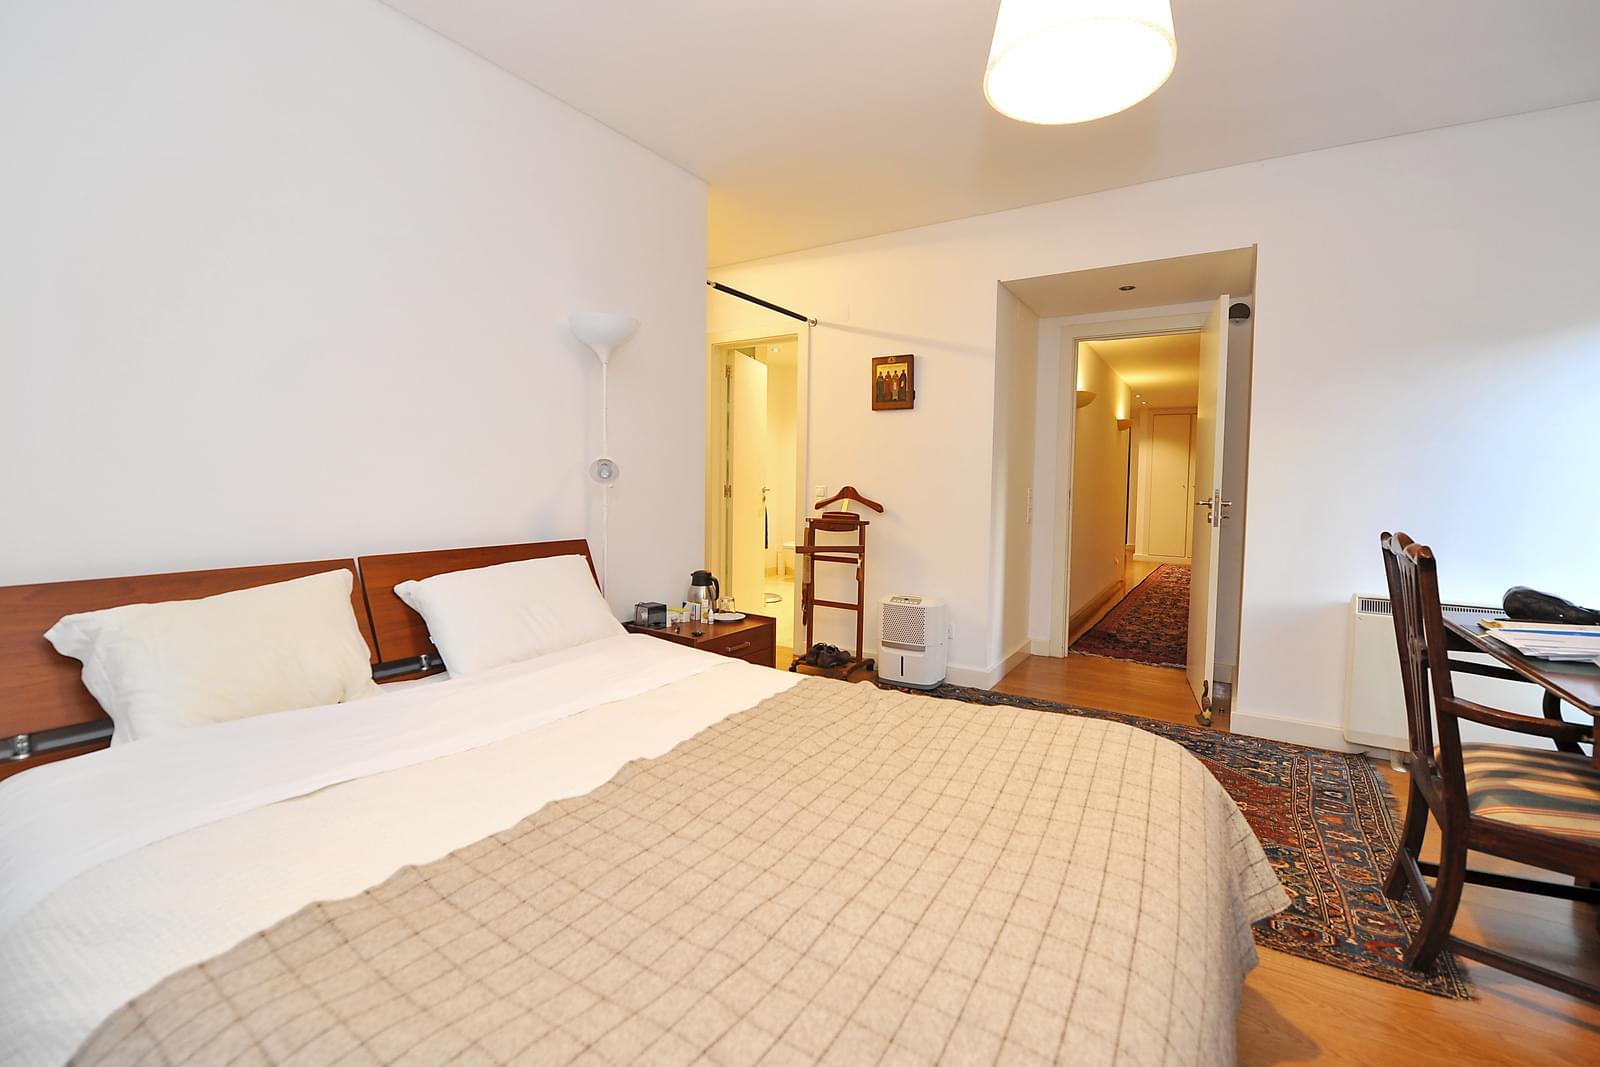 pf18957-apartamento-t5-oeiras-7c25ec4c-46a0-46ed-8bfd-55e52a98690a